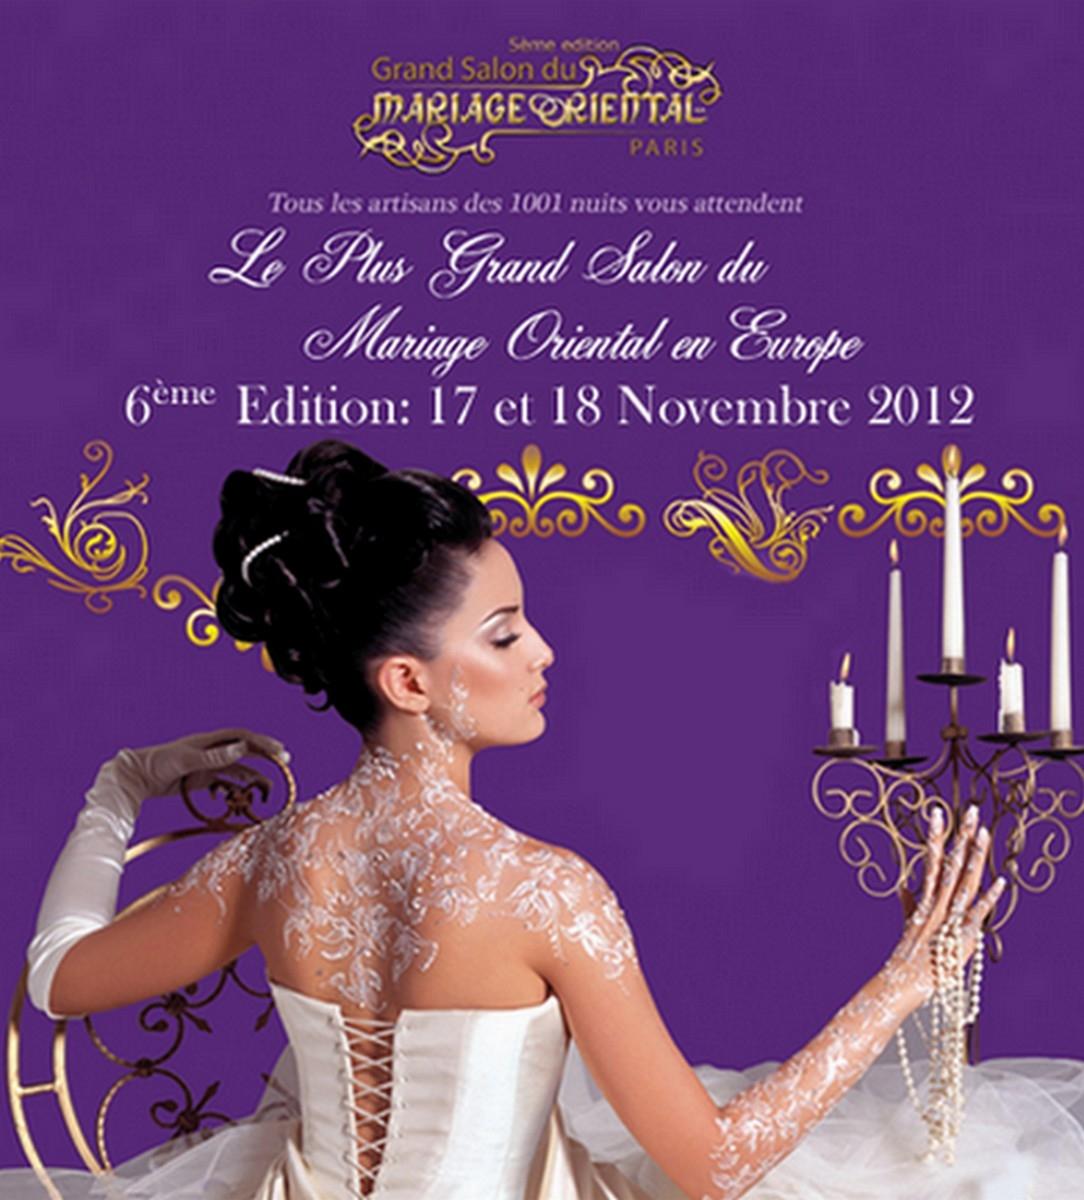 Le Grand Salon du Mariage Oriental 2012